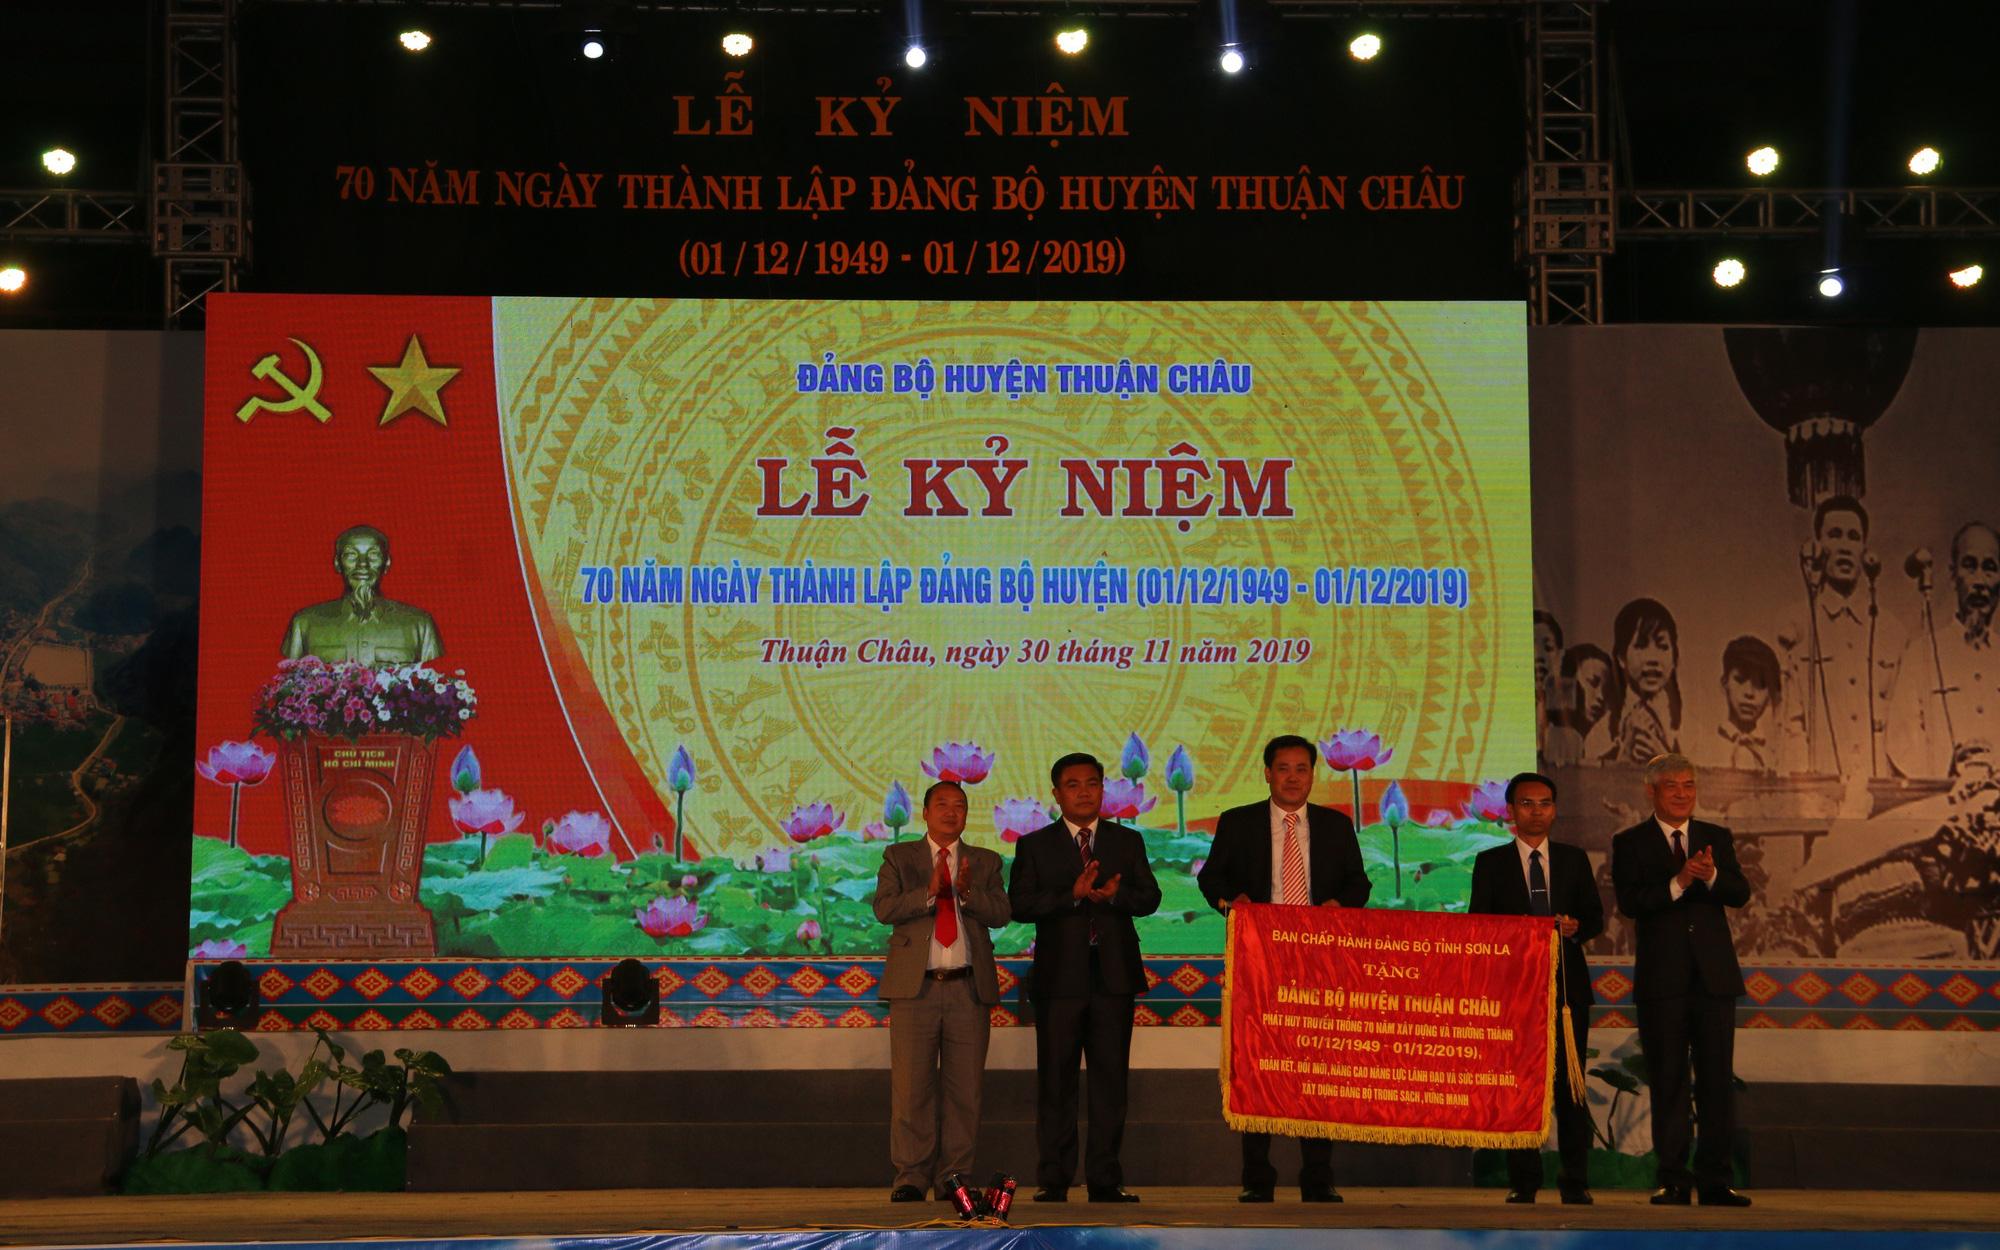 Đảng bộ huyện Thuận Châu kỷ niệm 70 năm ngày thành lập